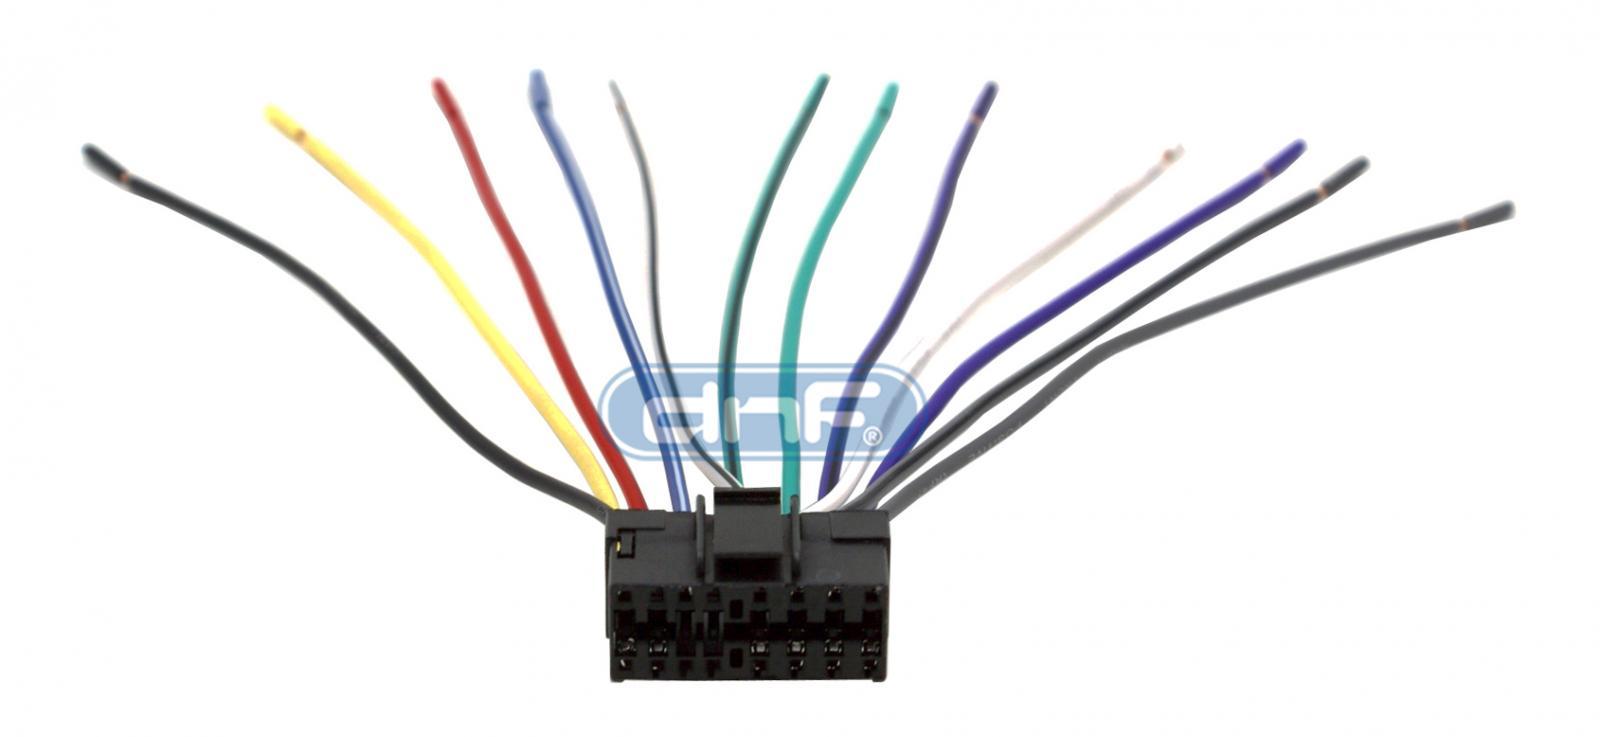 PIH pic 2?versionId\=a6hBJa8TGRJ.u1Db69TOSIfirQCkLPUv pioneer wiring harness pioneer wiring harness adapter wire diagrams